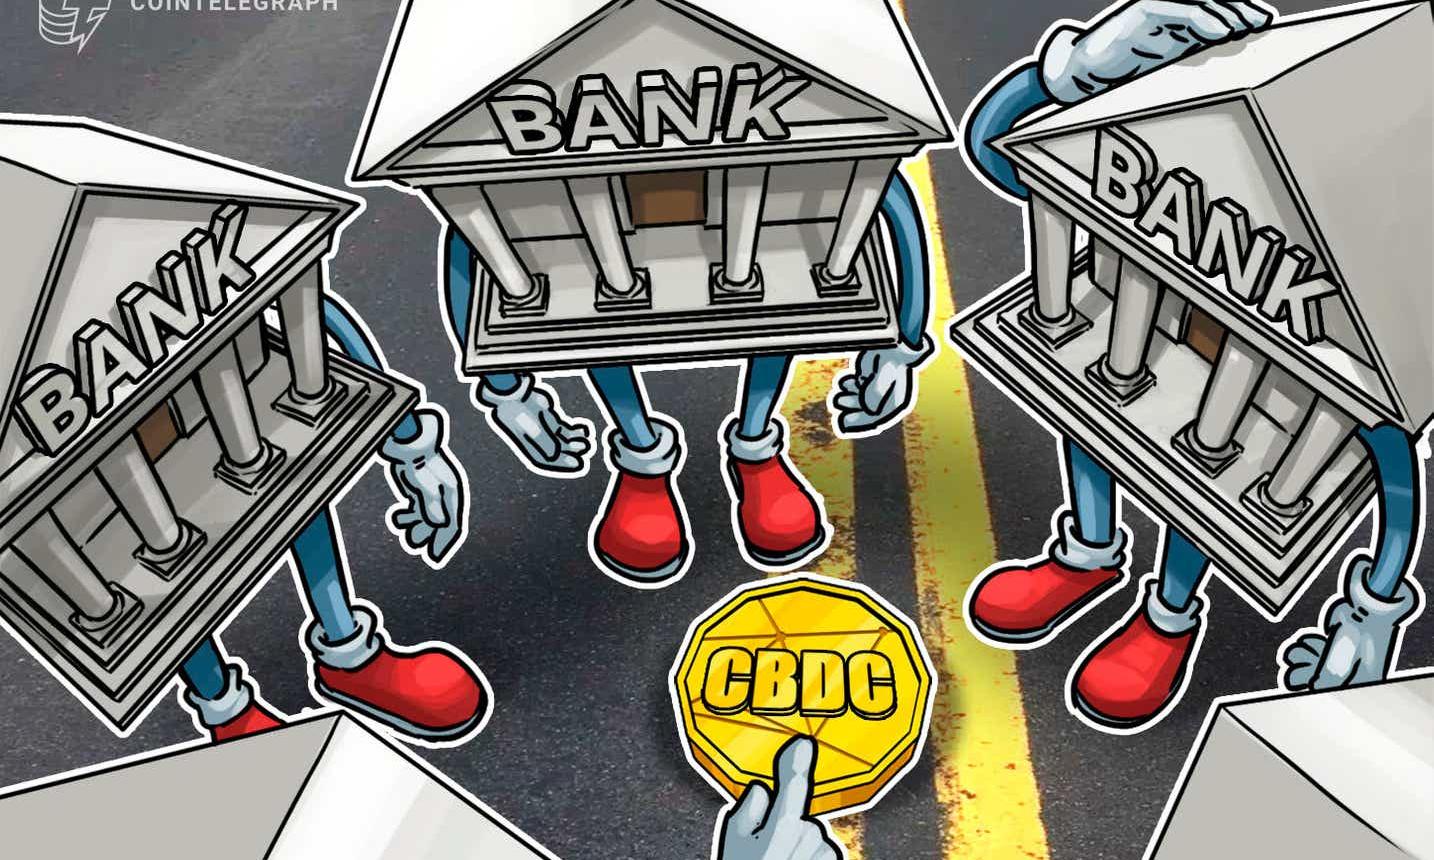 七国集团领导人发布央行数字货币准则,称CBDC要符合严格标准